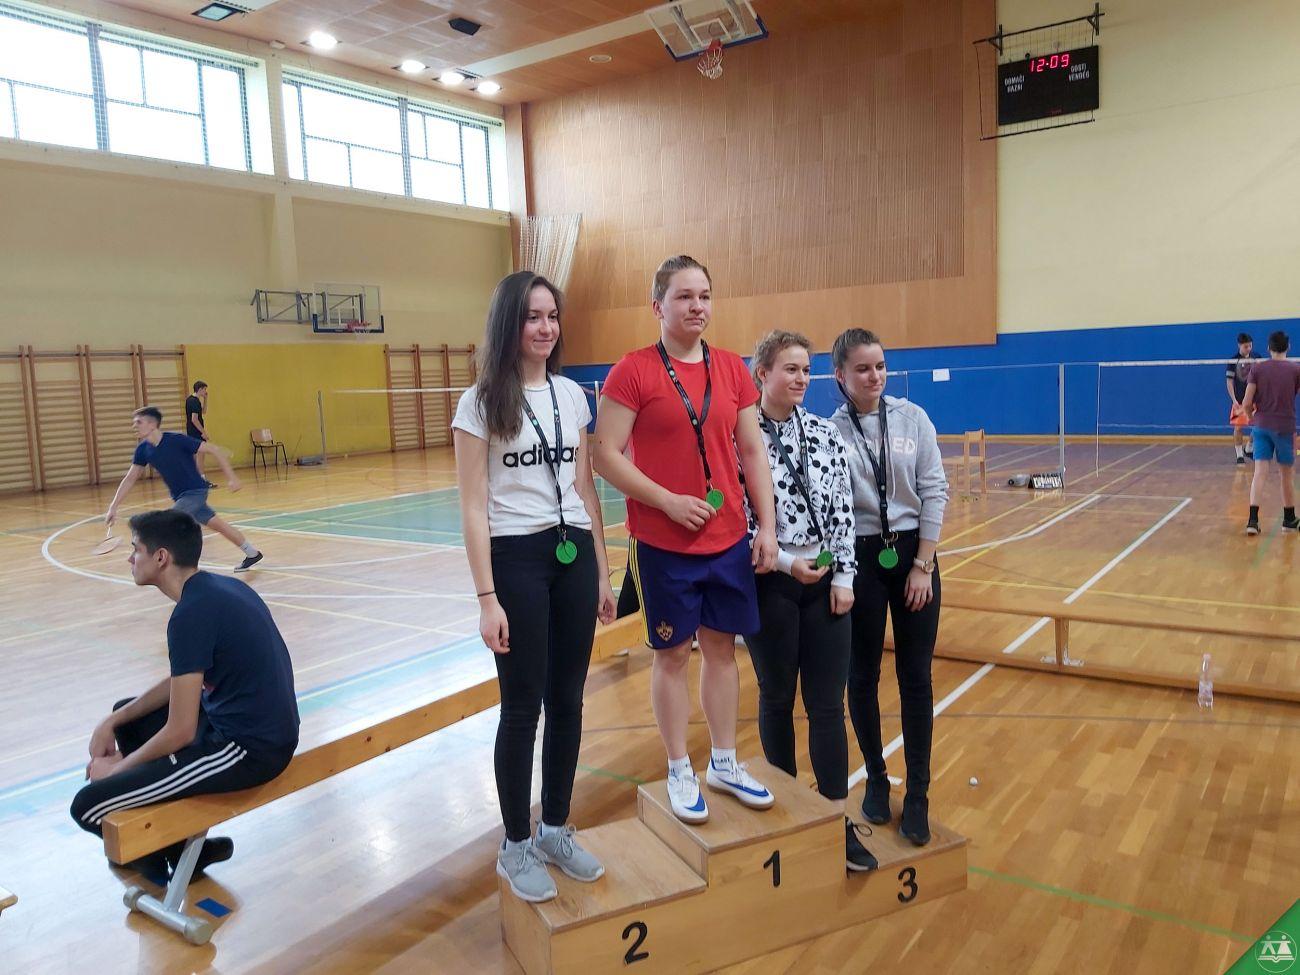 Podrocno-prvenstvo-v-badmintonu-za-srednje-sole-001